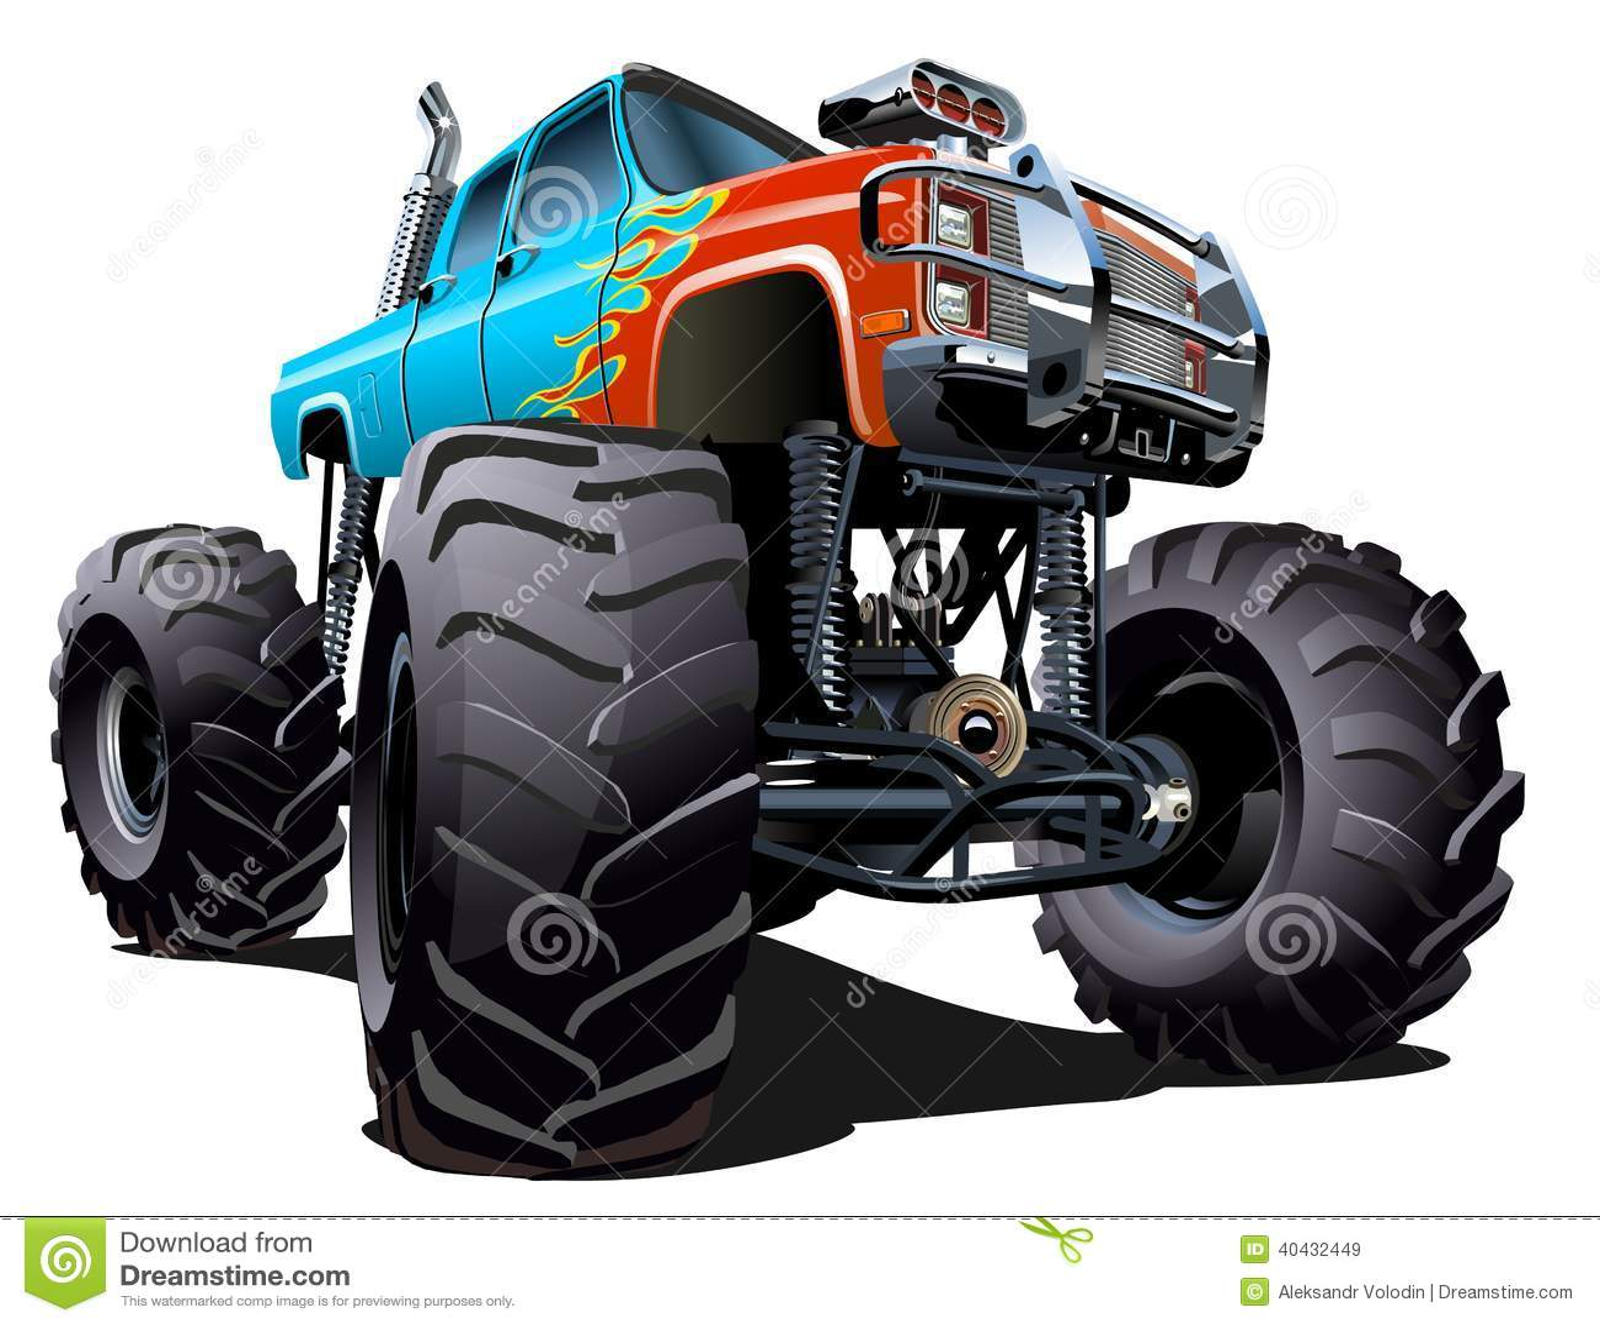 Cartoon Monster Truck Stock Vector. Illustration Of